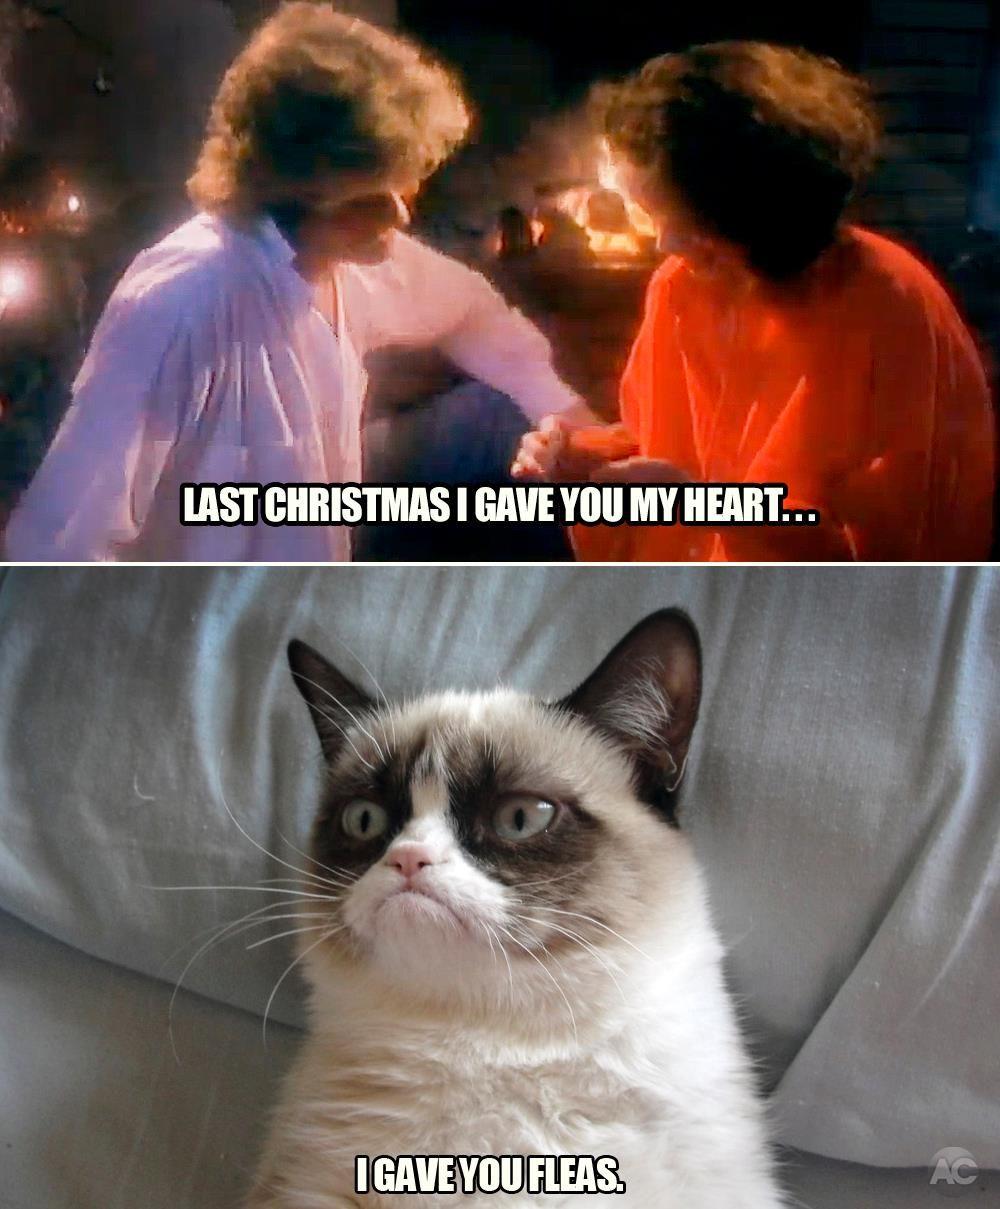 Last Christmas... Funny grumpy cat memes, Grumpy cat